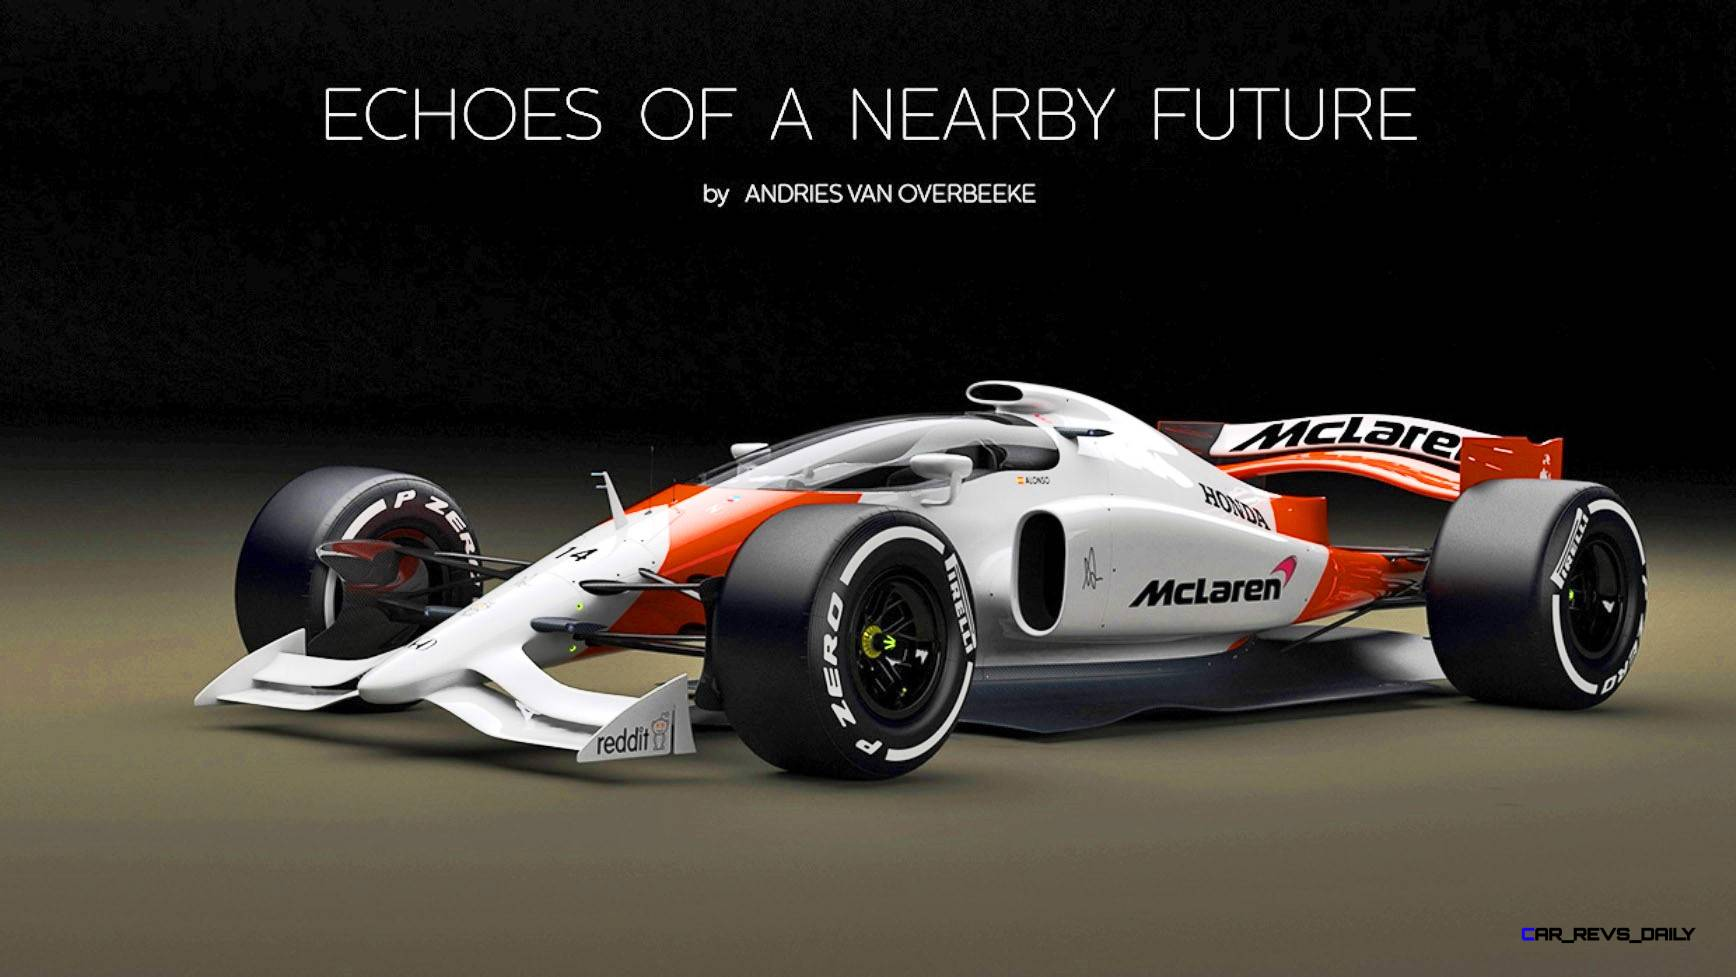 honda f1 racing car 50 images new hd car wallpaper. Black Bedroom Furniture Sets. Home Design Ideas